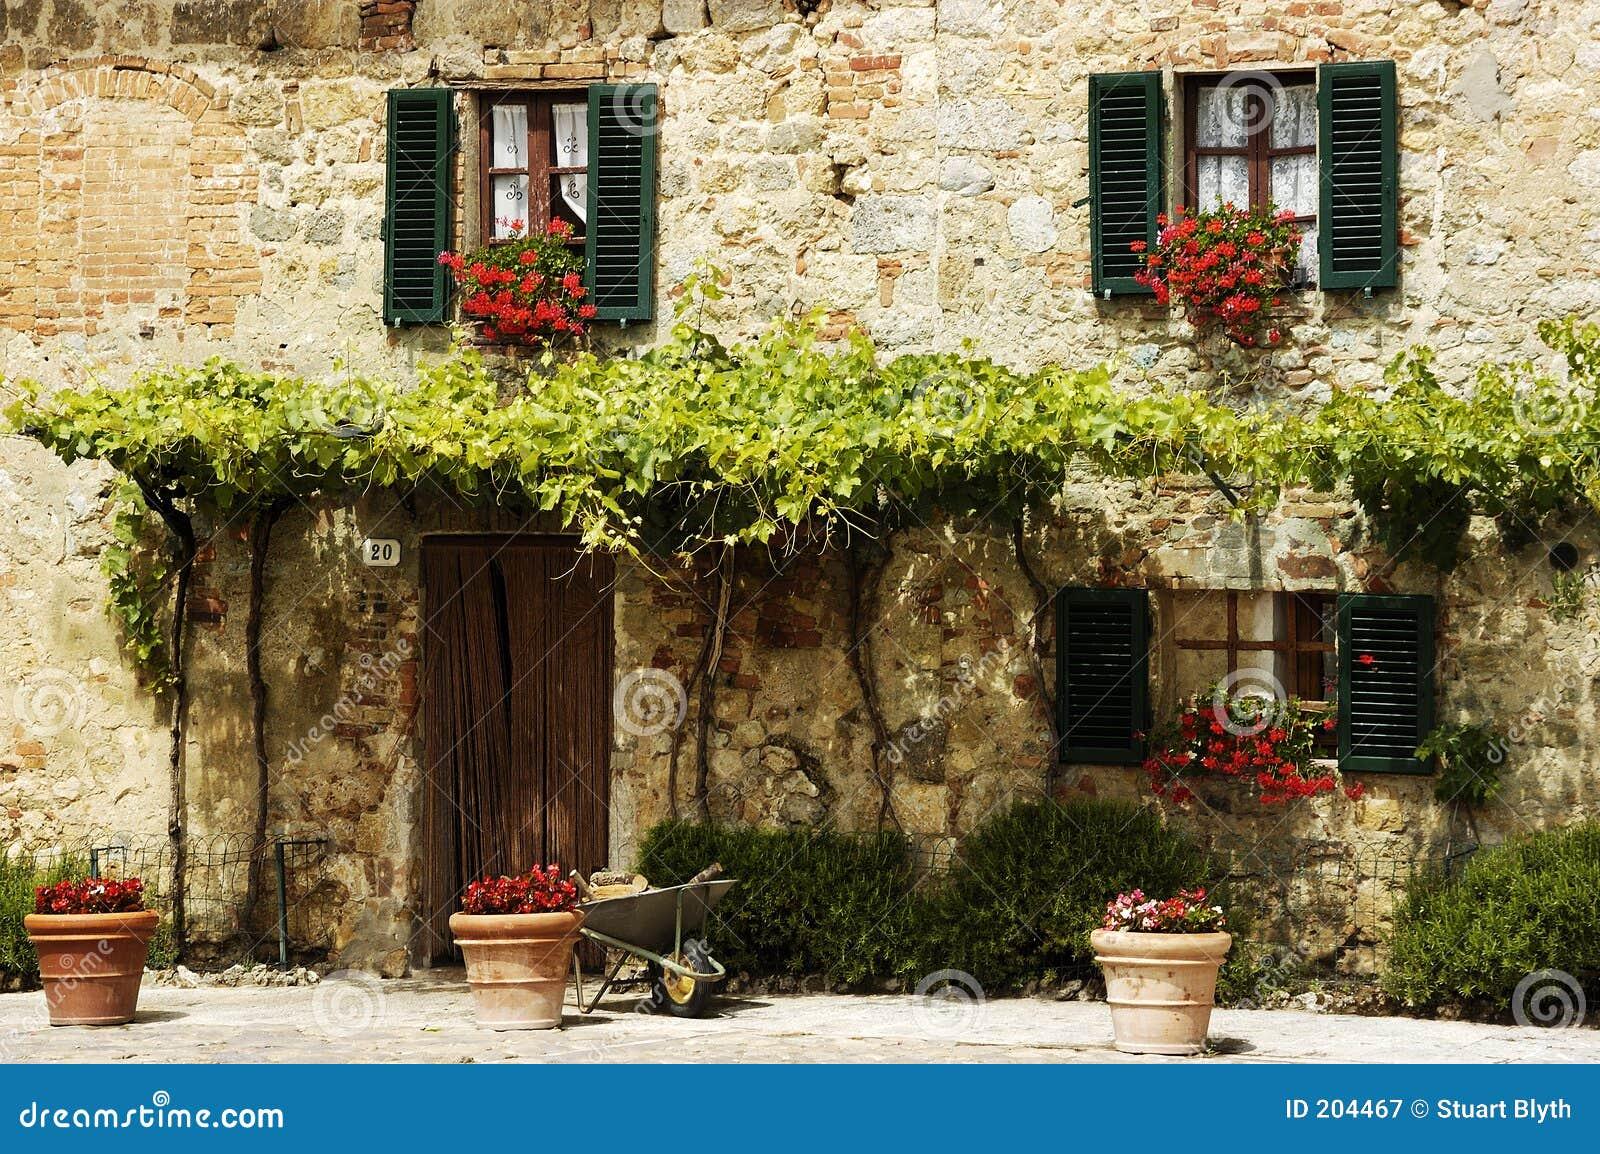 Maison de campagne photographie stock libre de droits image 204467 - Petite maison de campagne ...